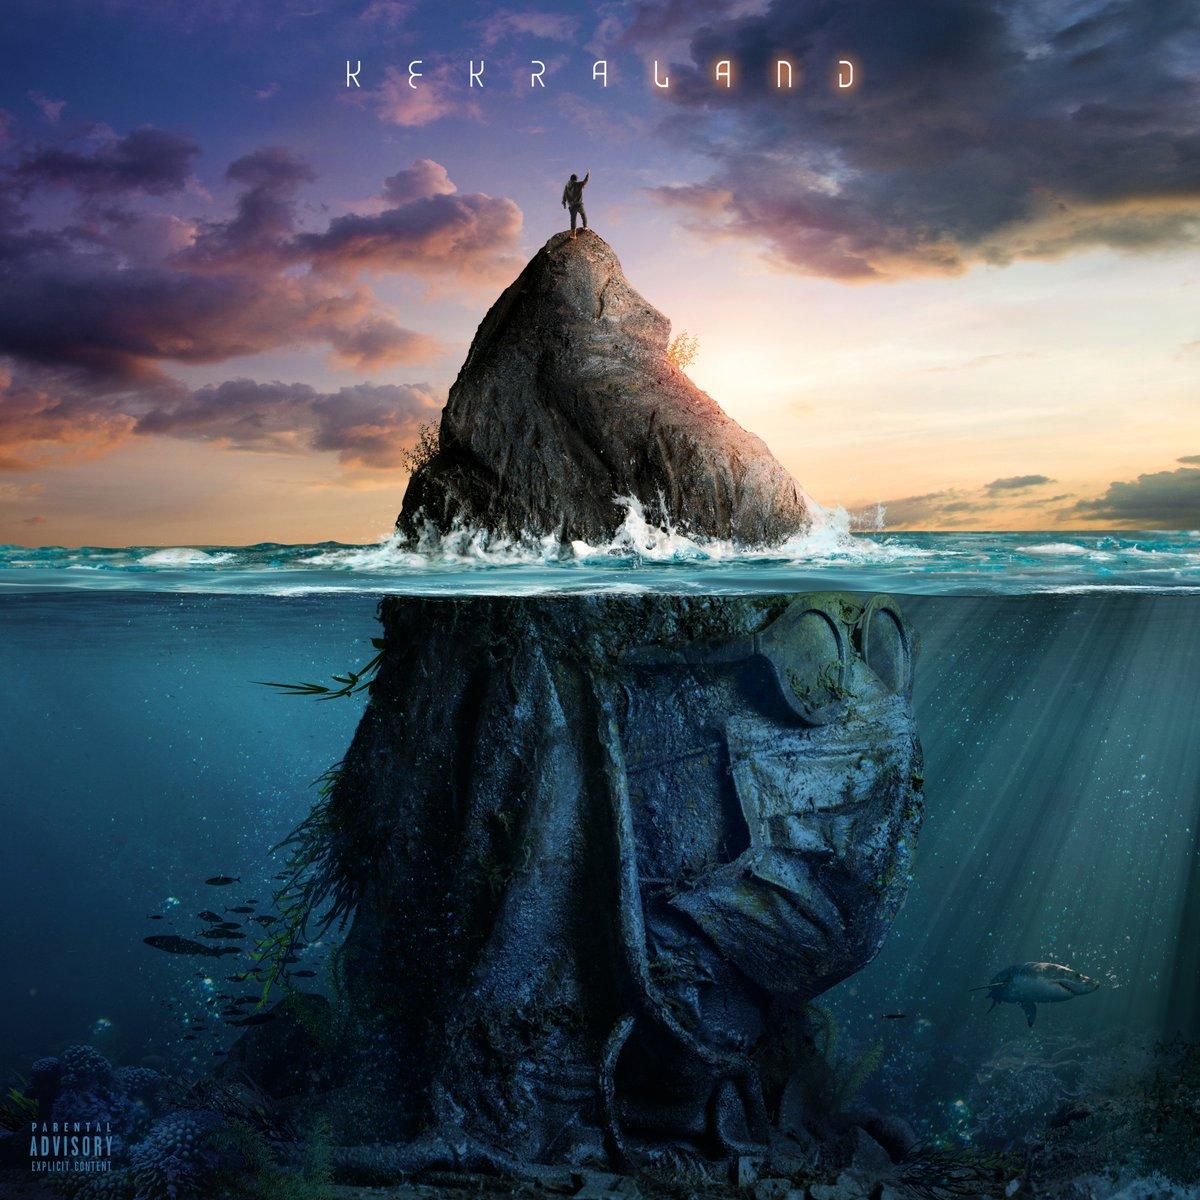 fifou pochette album cover rap kekra - Fifou, le photographe derrière les meilleures covers du rap français